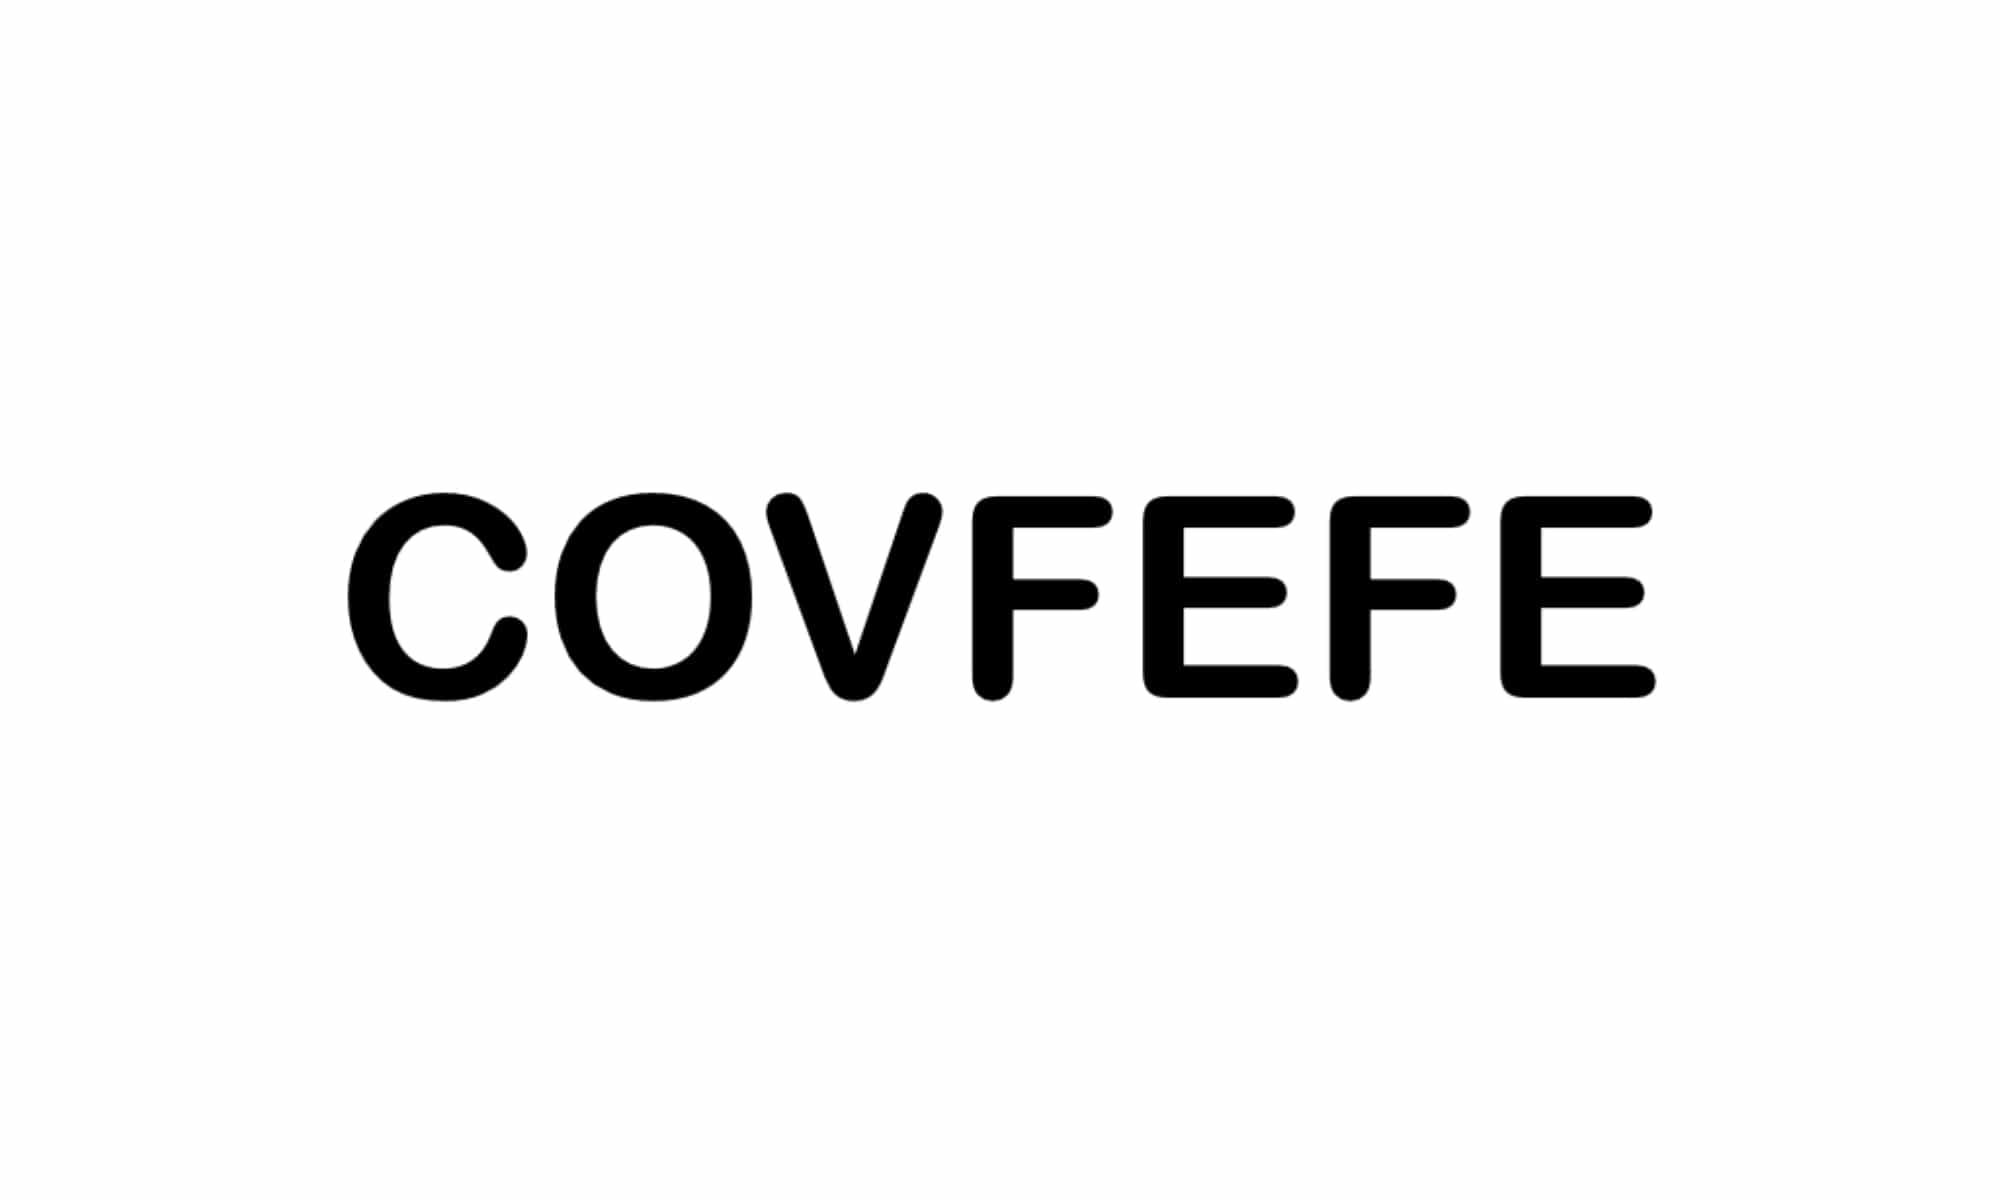 3 германски заявки за COVFEFE и covfefe